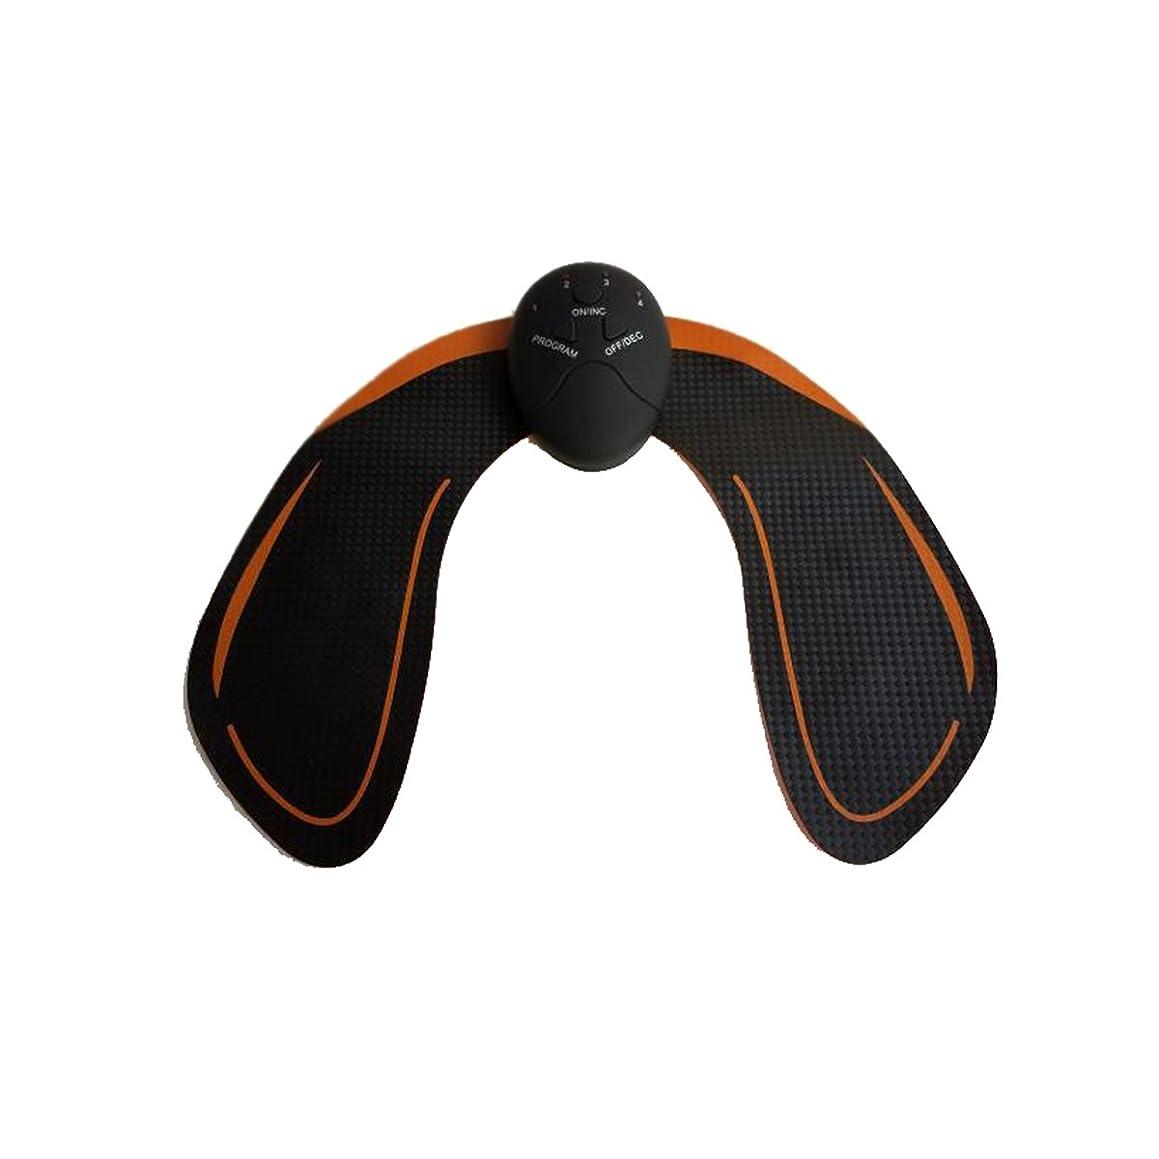 五セント十代Healifty EMS トレーニングパッド ヒップアップ お尻専用 多機能 筋トレ器具 ダイエット 筋肉振動 引き締める 強さ階段調節 電池式 男女兼用(黒)